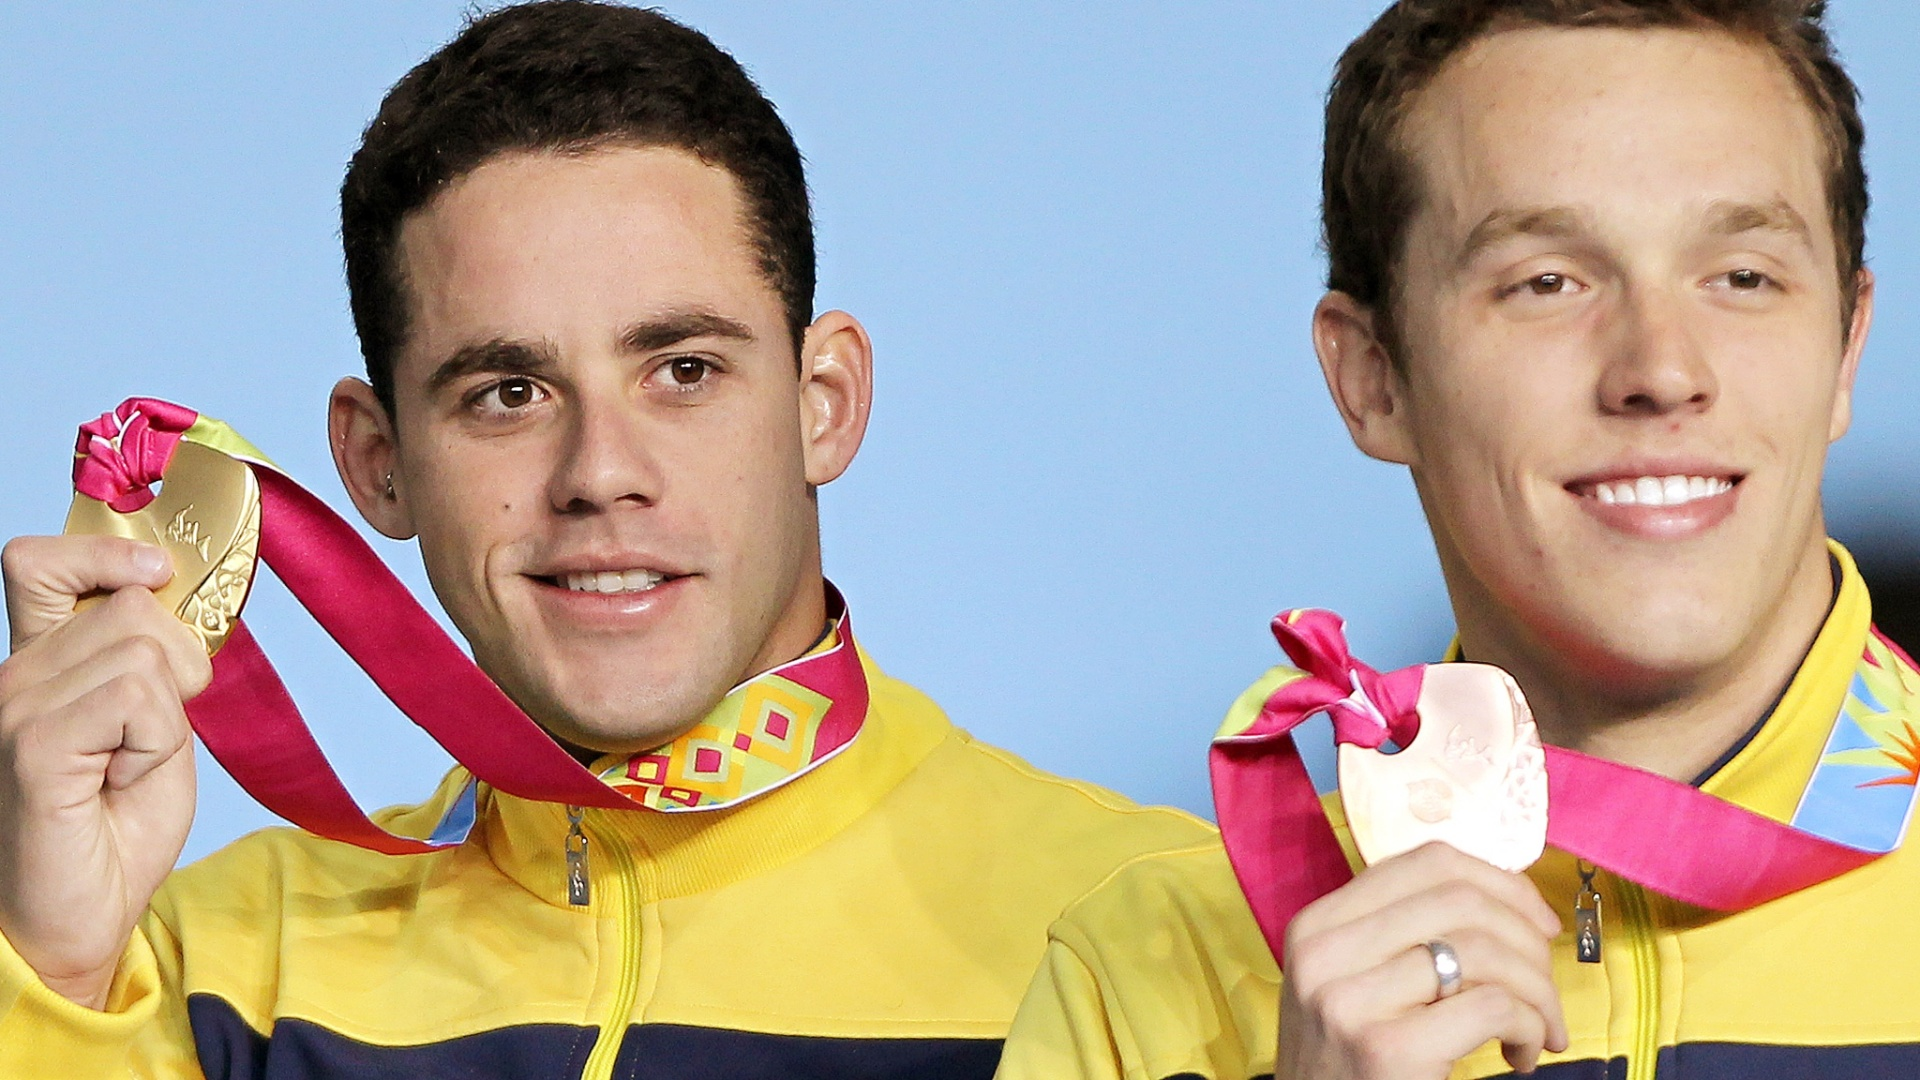 Thiago Pereira e Henrique Rodrigues exibem o ouro e o bronze, conquistados na prova dos 200 m medley em Guadalajara (19/10/2011)